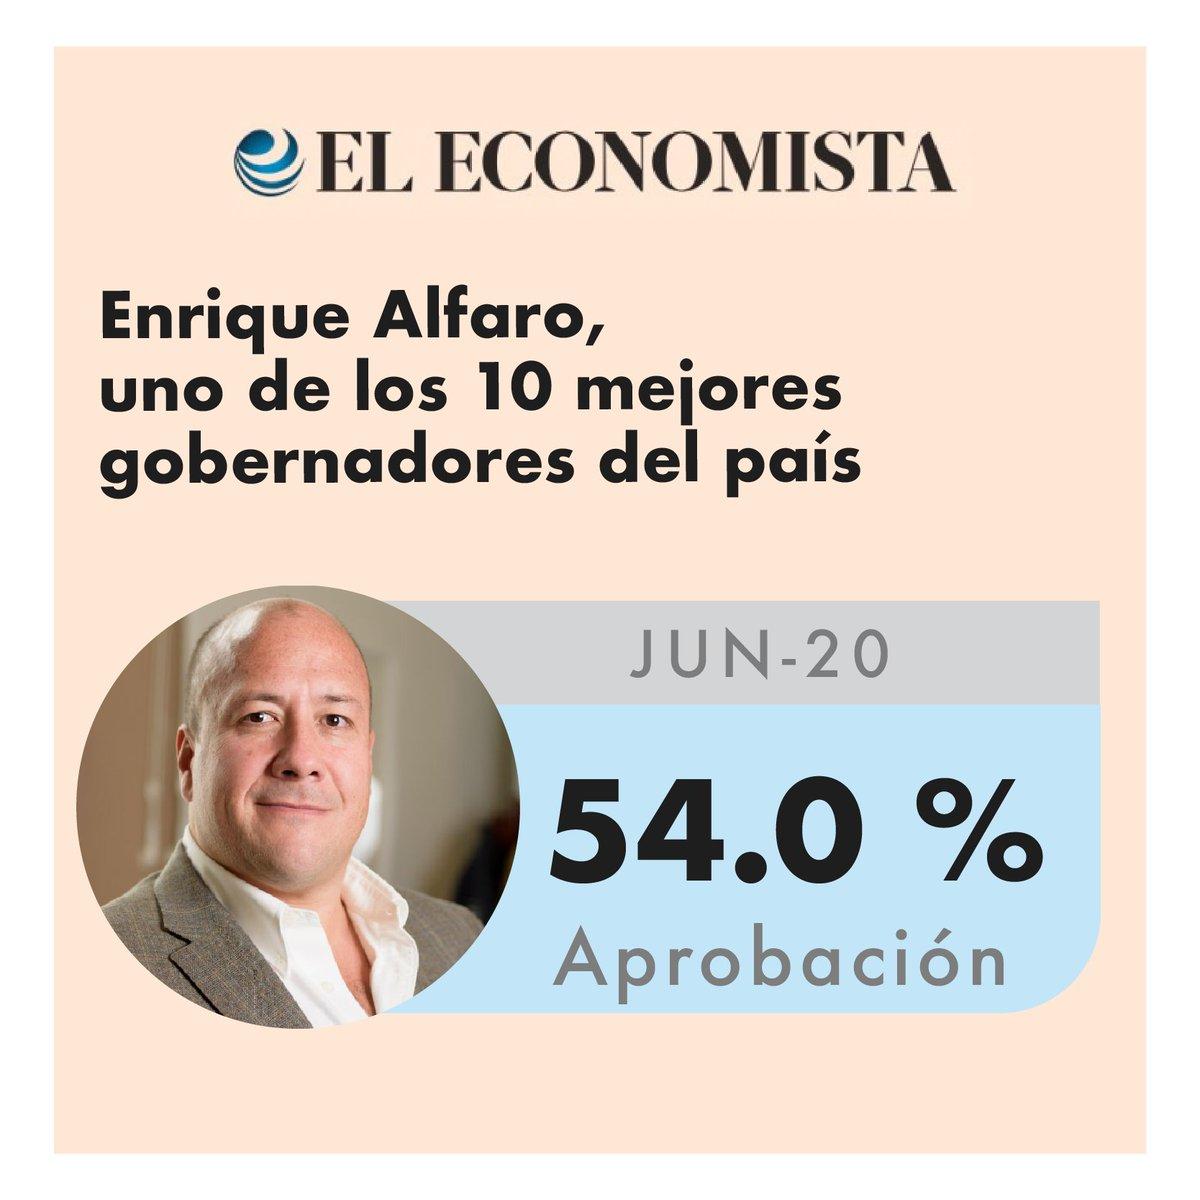 .@MovCiudadanoMX cuenta con uno de los Gobiernos mejor evaluados en el país. En Jalisco, el gobernador  @EnriqueAlfaroR demuestra que al cumplir los compromisos se sale adelante, por eso la ciudadanía reconoce su trabajo en todo el estado. https://t.co/wpvZ05yUYO